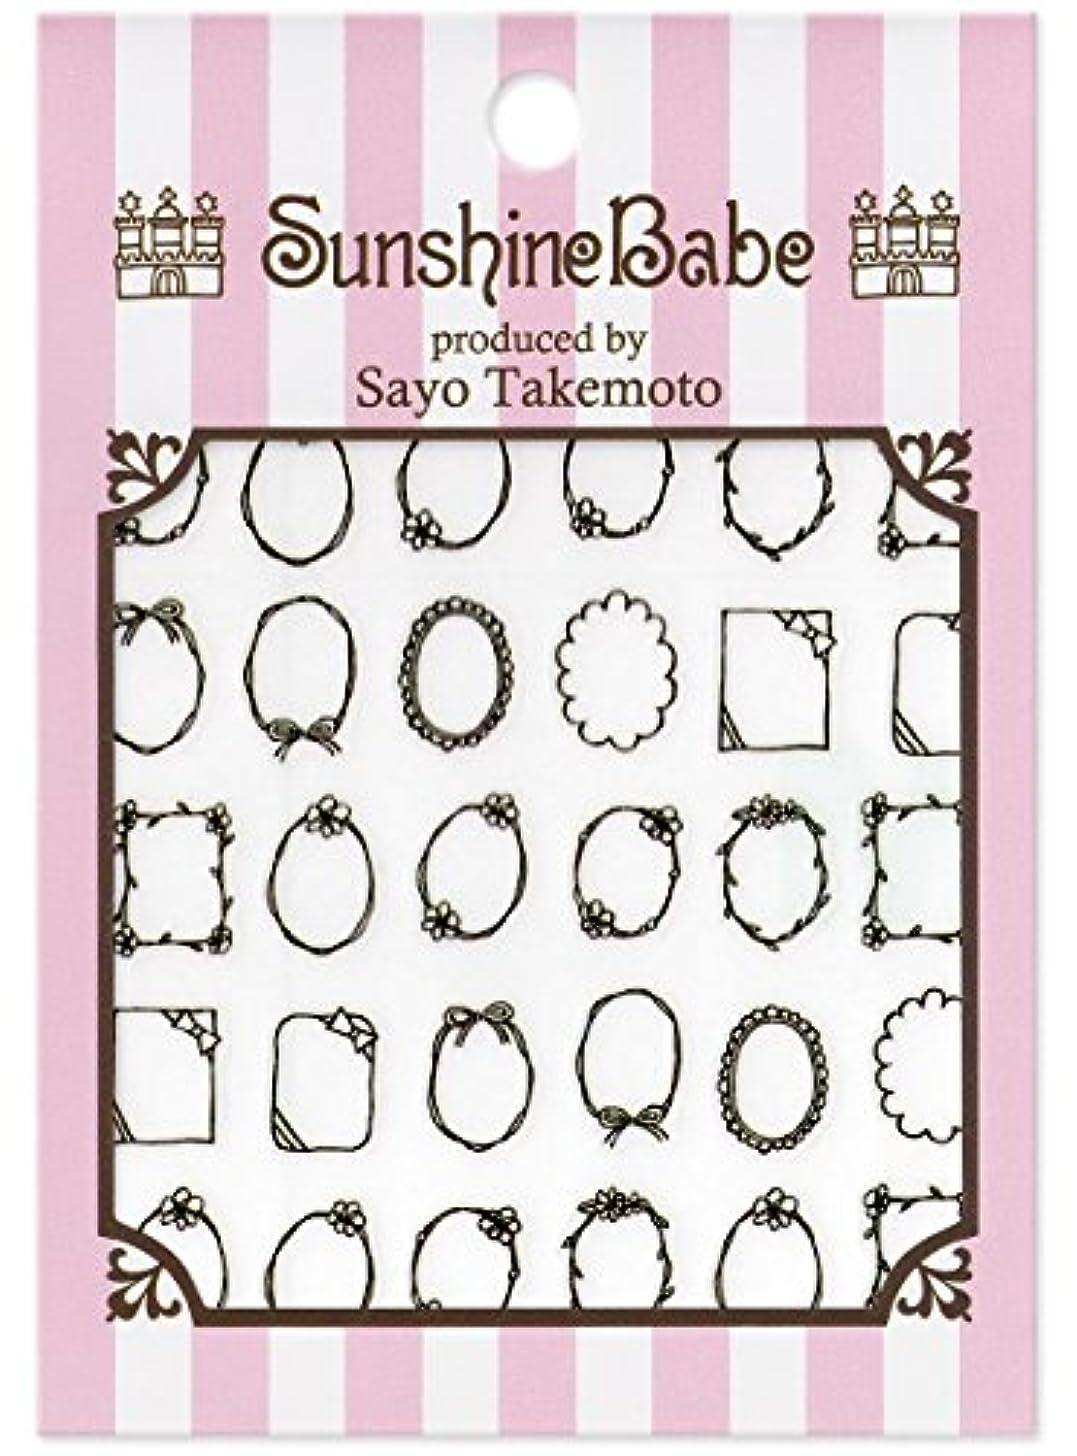 哺乳類請求可能柔らかさサンシャインベビー ネイルシール 武本小夜の Sayo Style 手描きフレーム(ブラック)